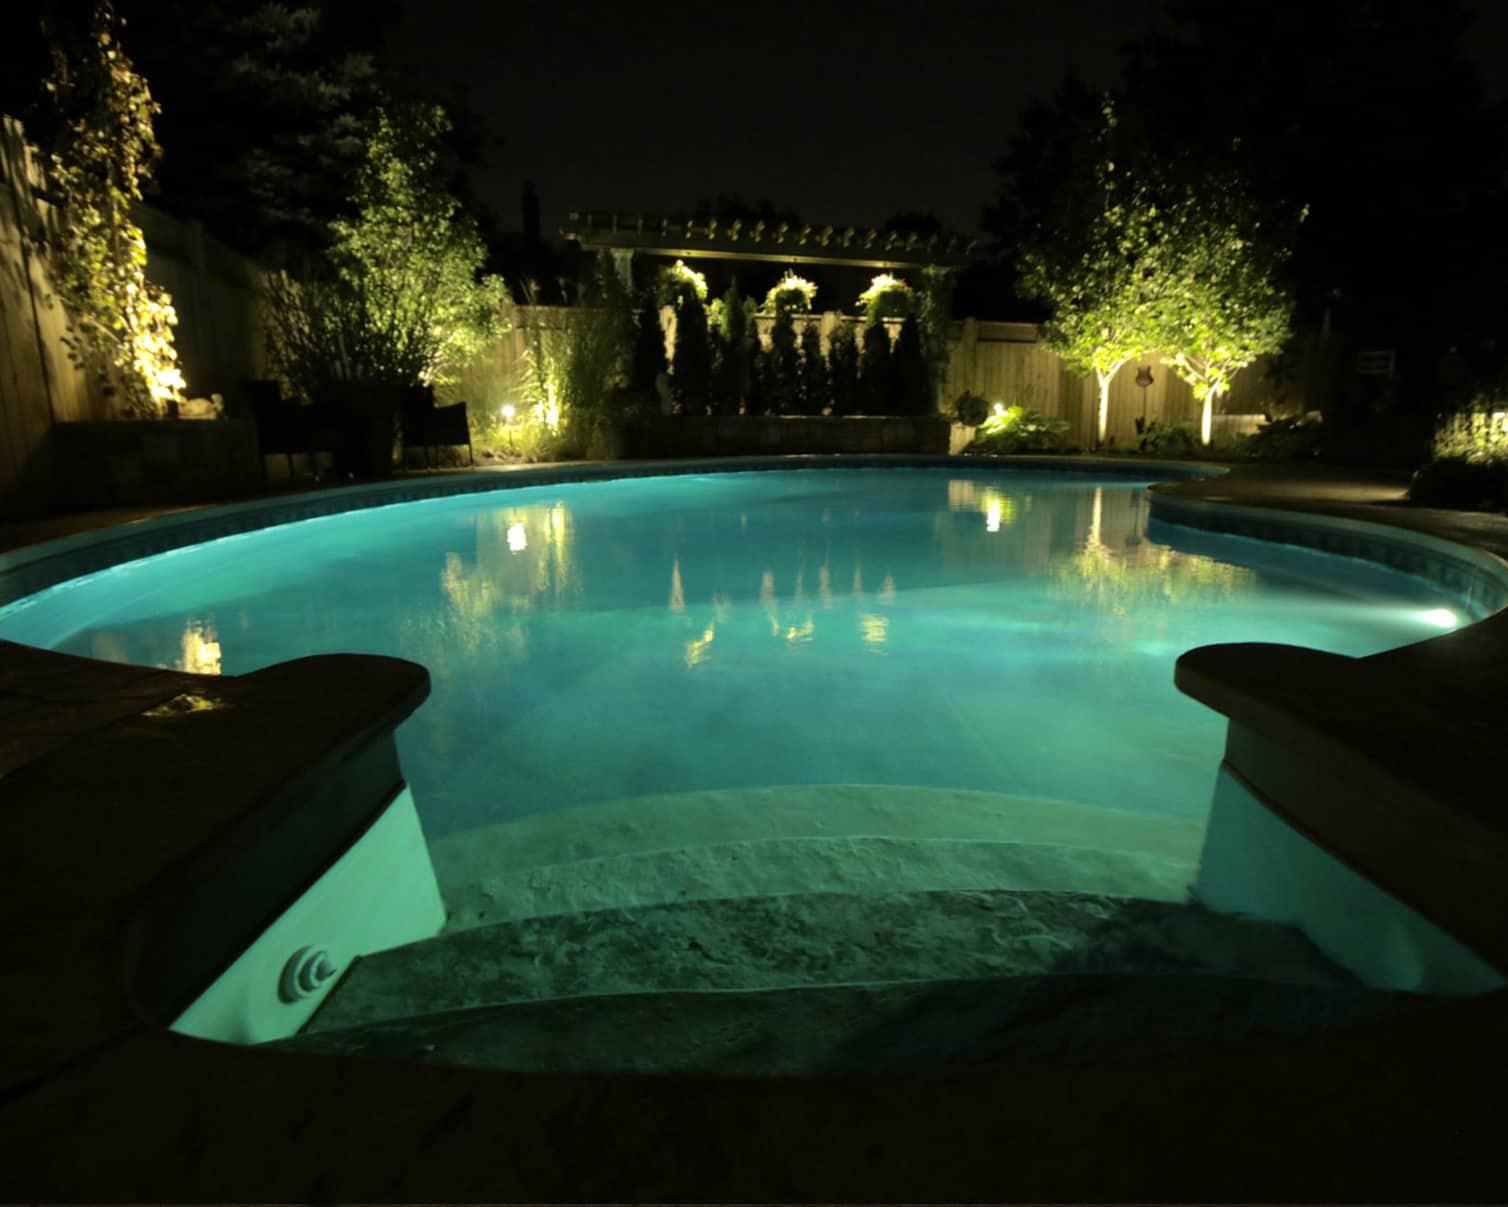 Amoray Retrofit Led Pool Light Warehouse